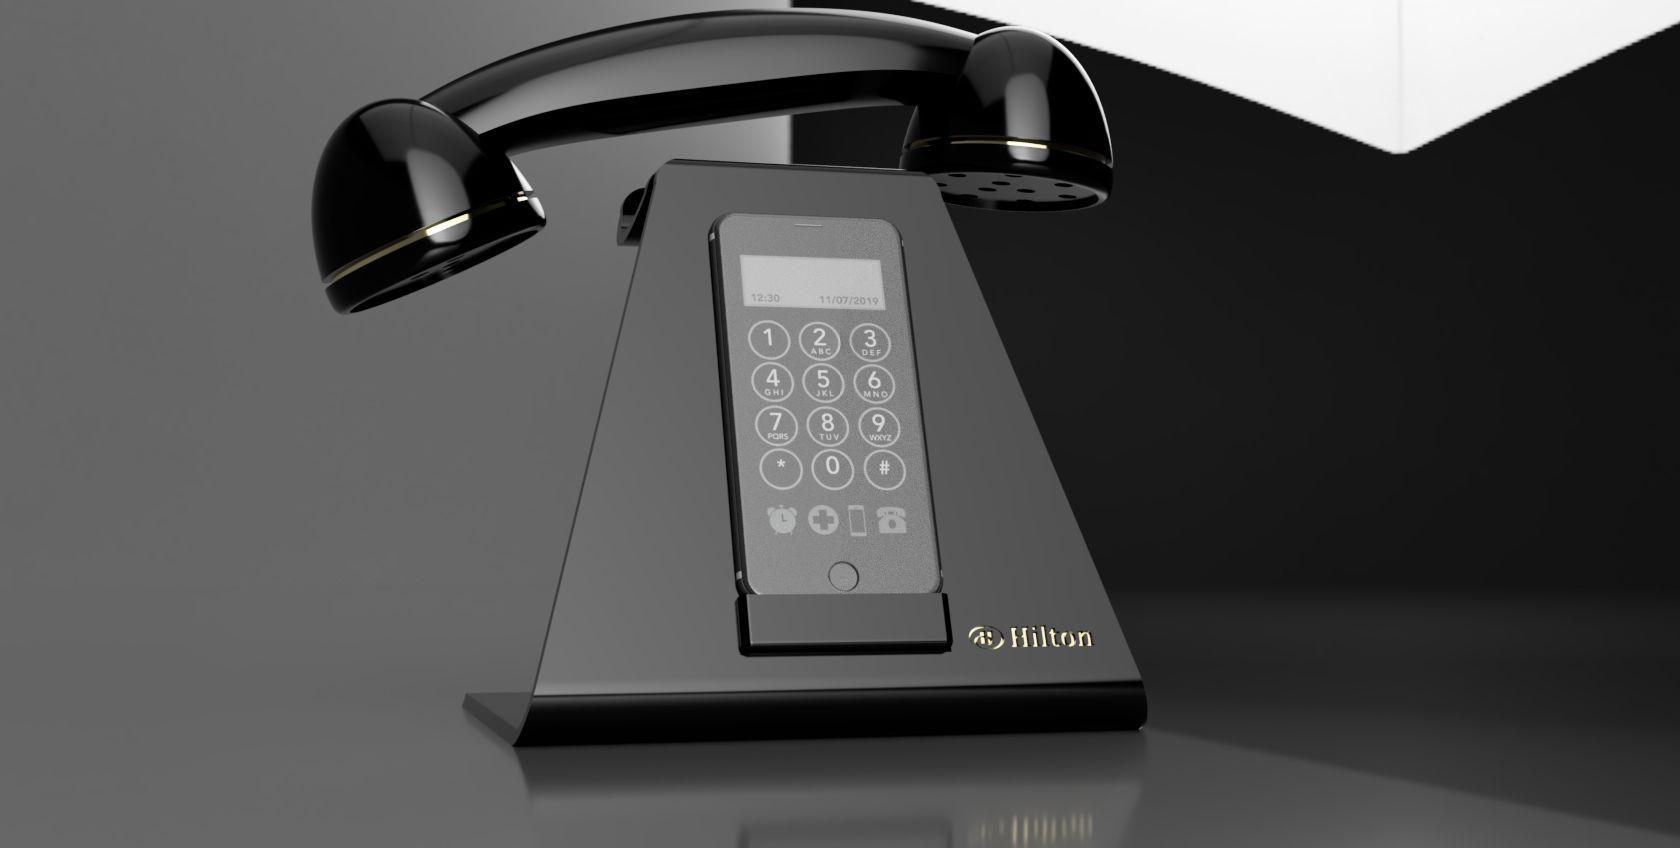 Phonehiltoncontastiera-2019-jul-10-08-16-42am-000-customizedview33744027849-png-3500-3500